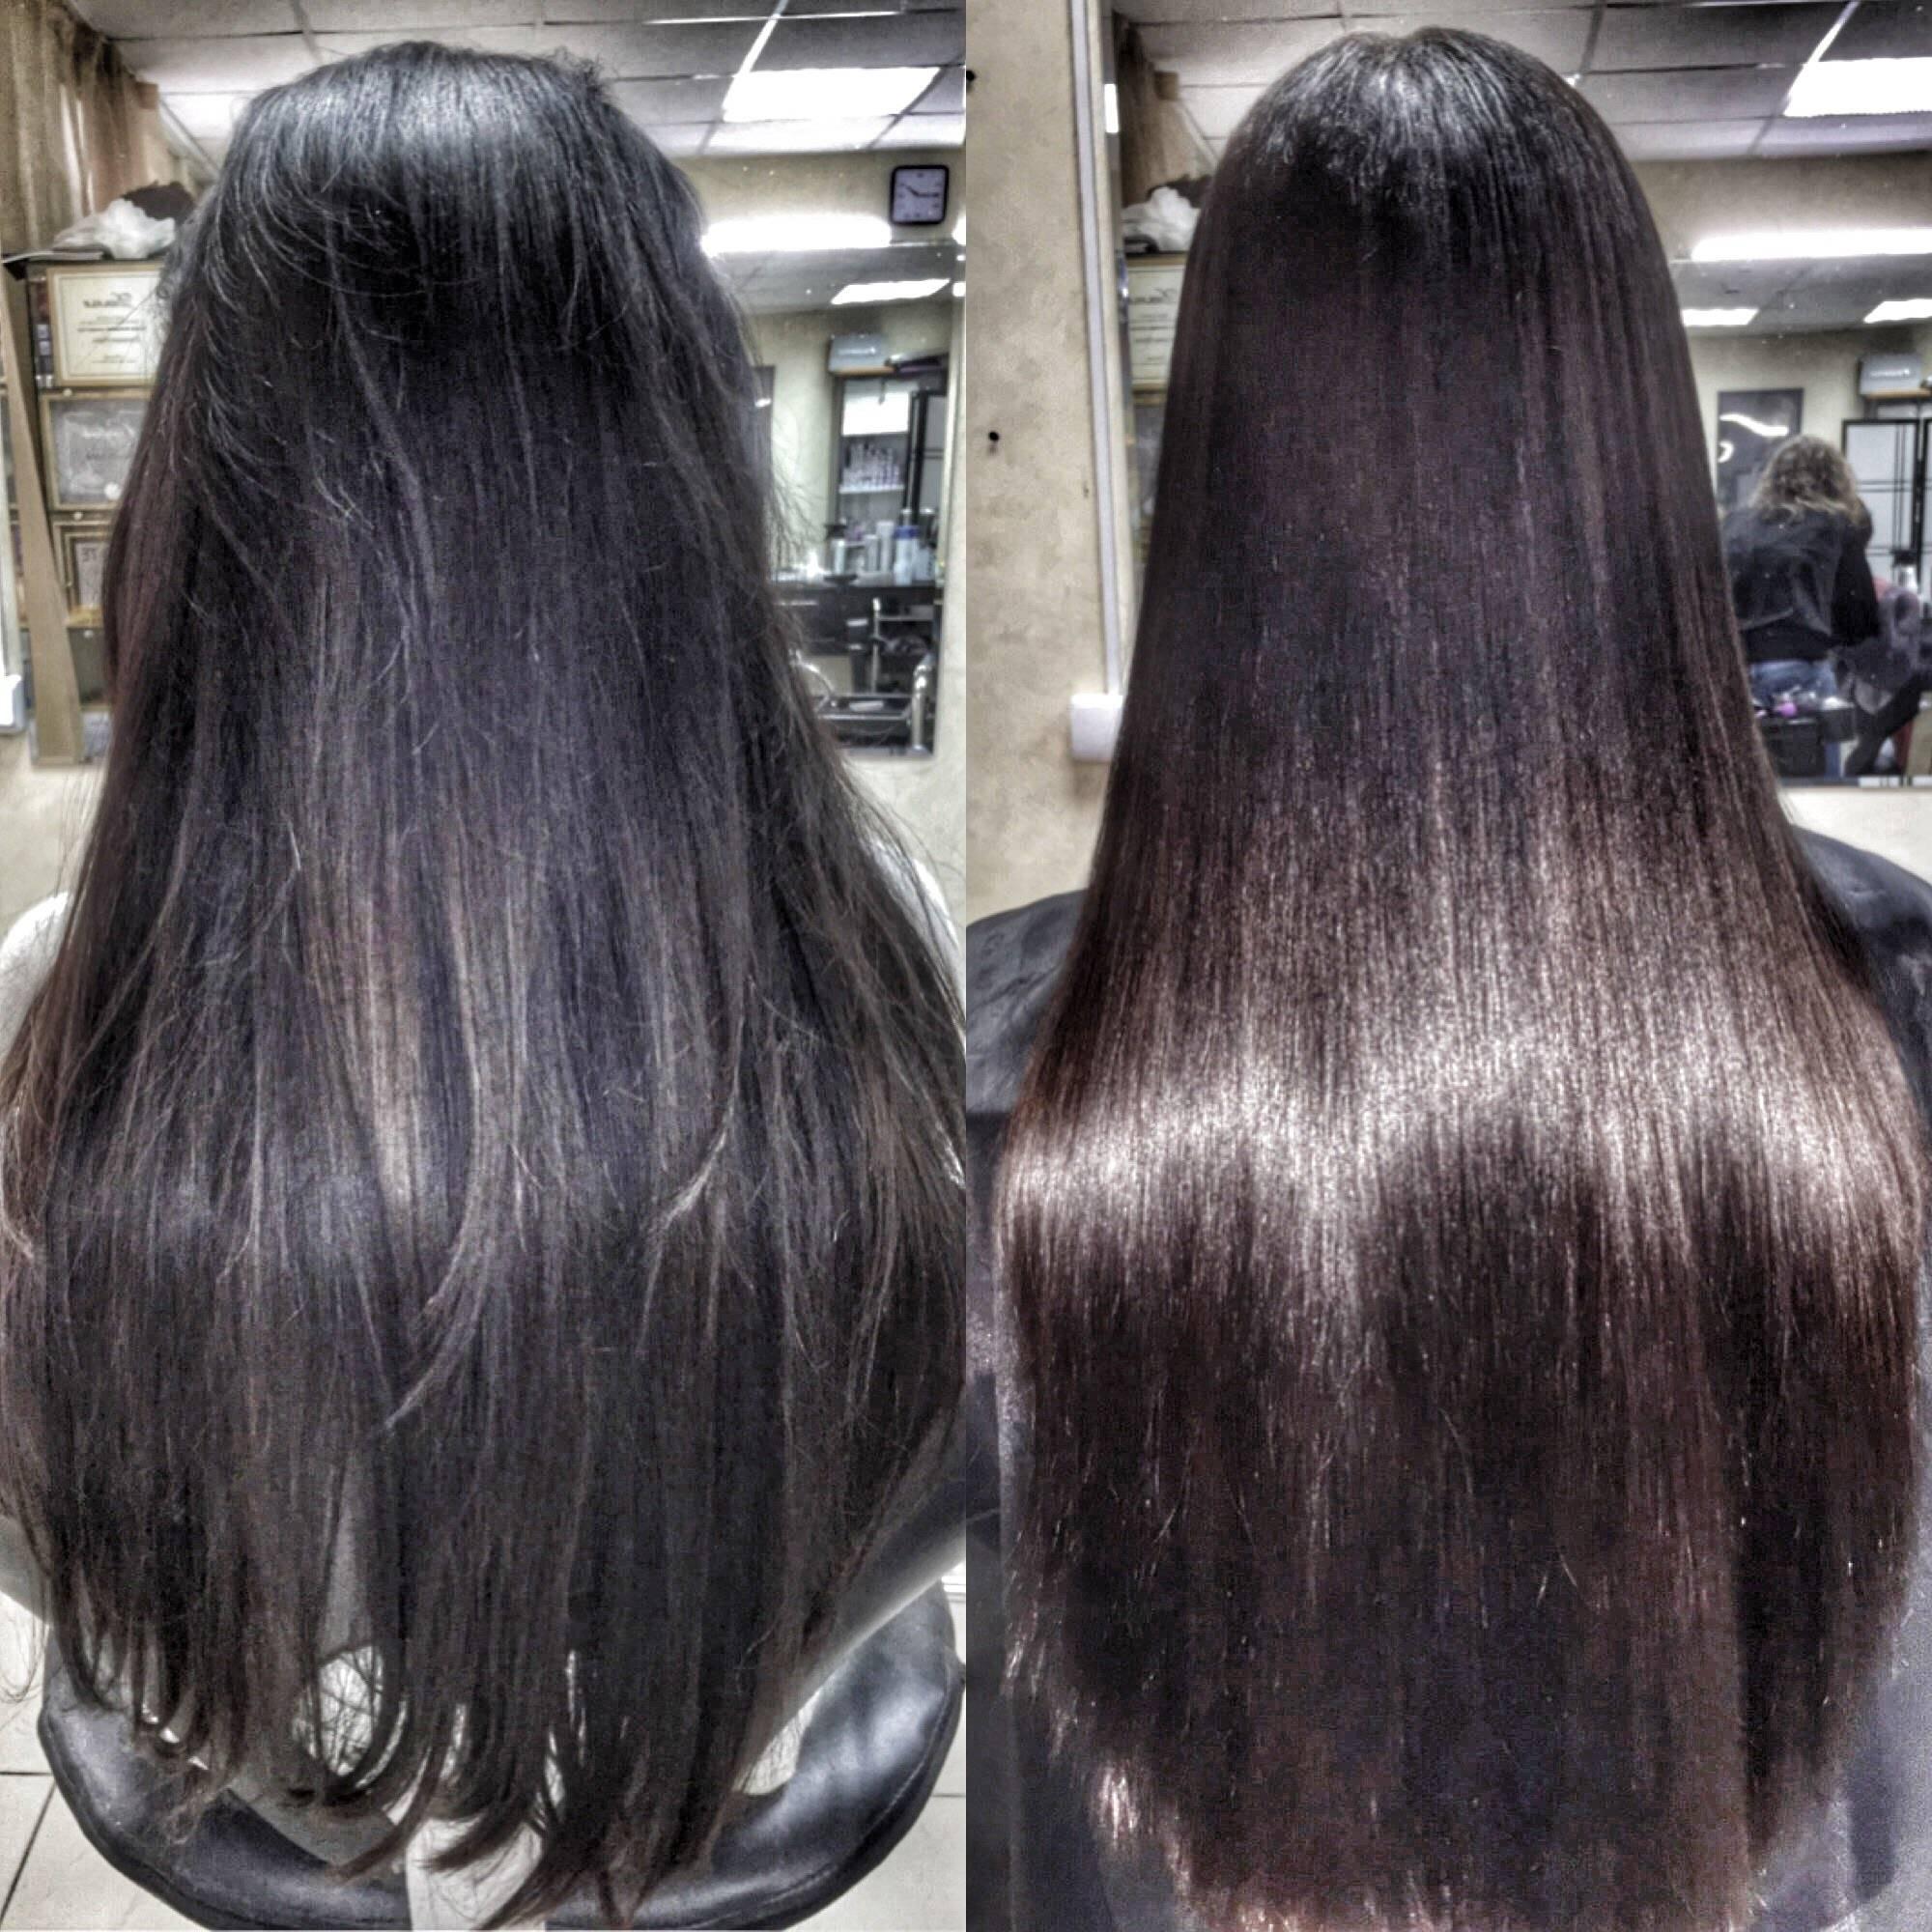 Что лучше для волос – нанопластика, ботокс или кератиновое выпрямление, чем отличаются эти процедуры, какой от них эффект, есть ли противопоказания?